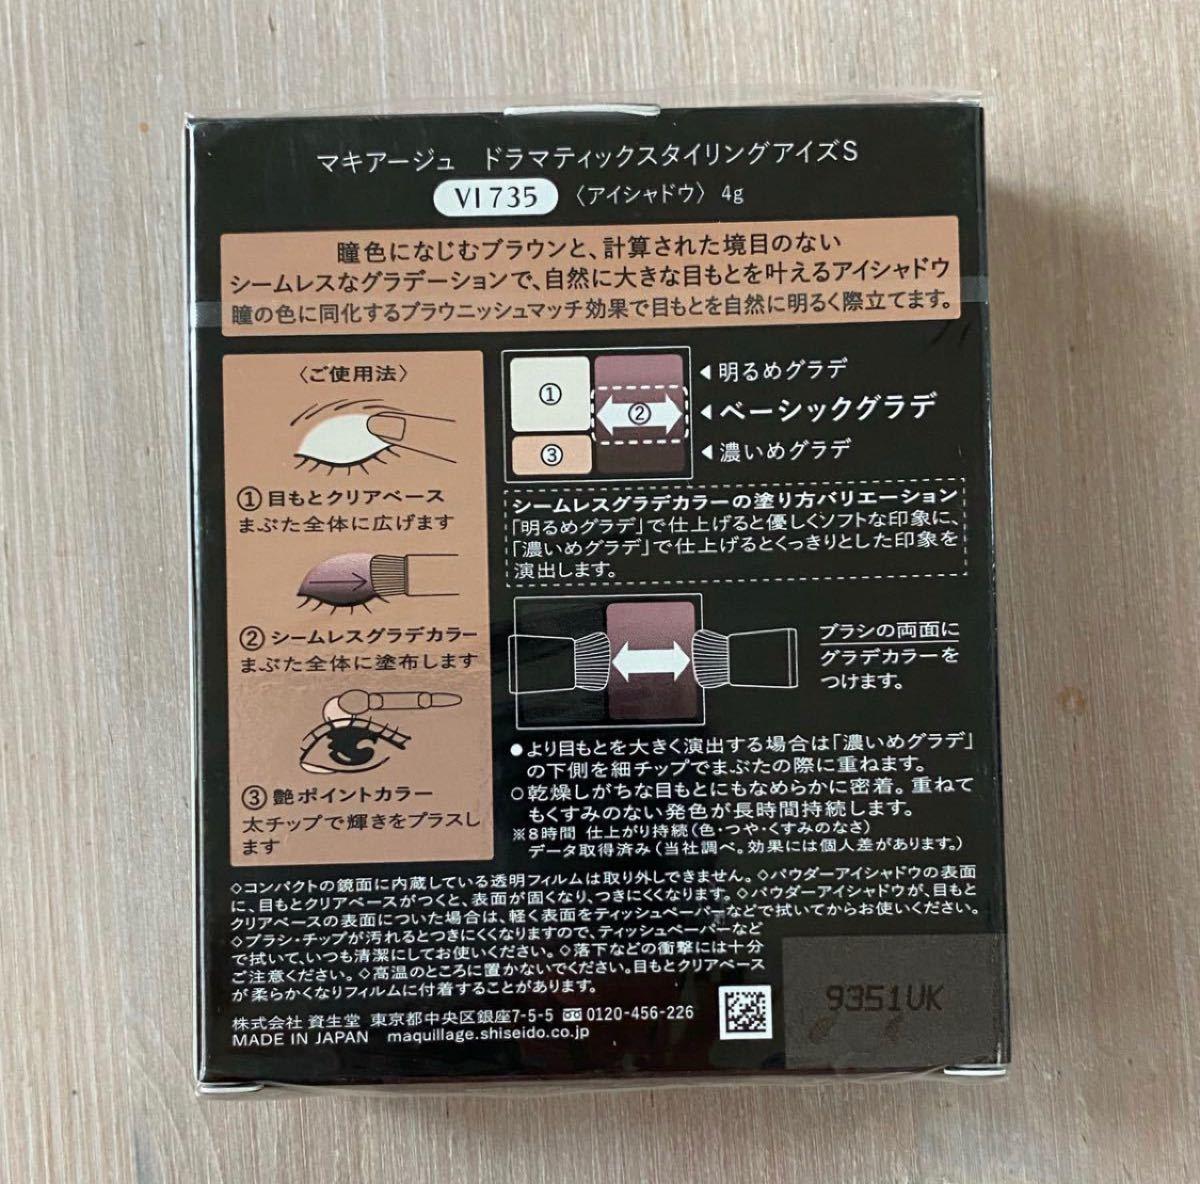 新品資生堂マキアージュドラマティックスタイリングアイズS VI735アイシャドウ